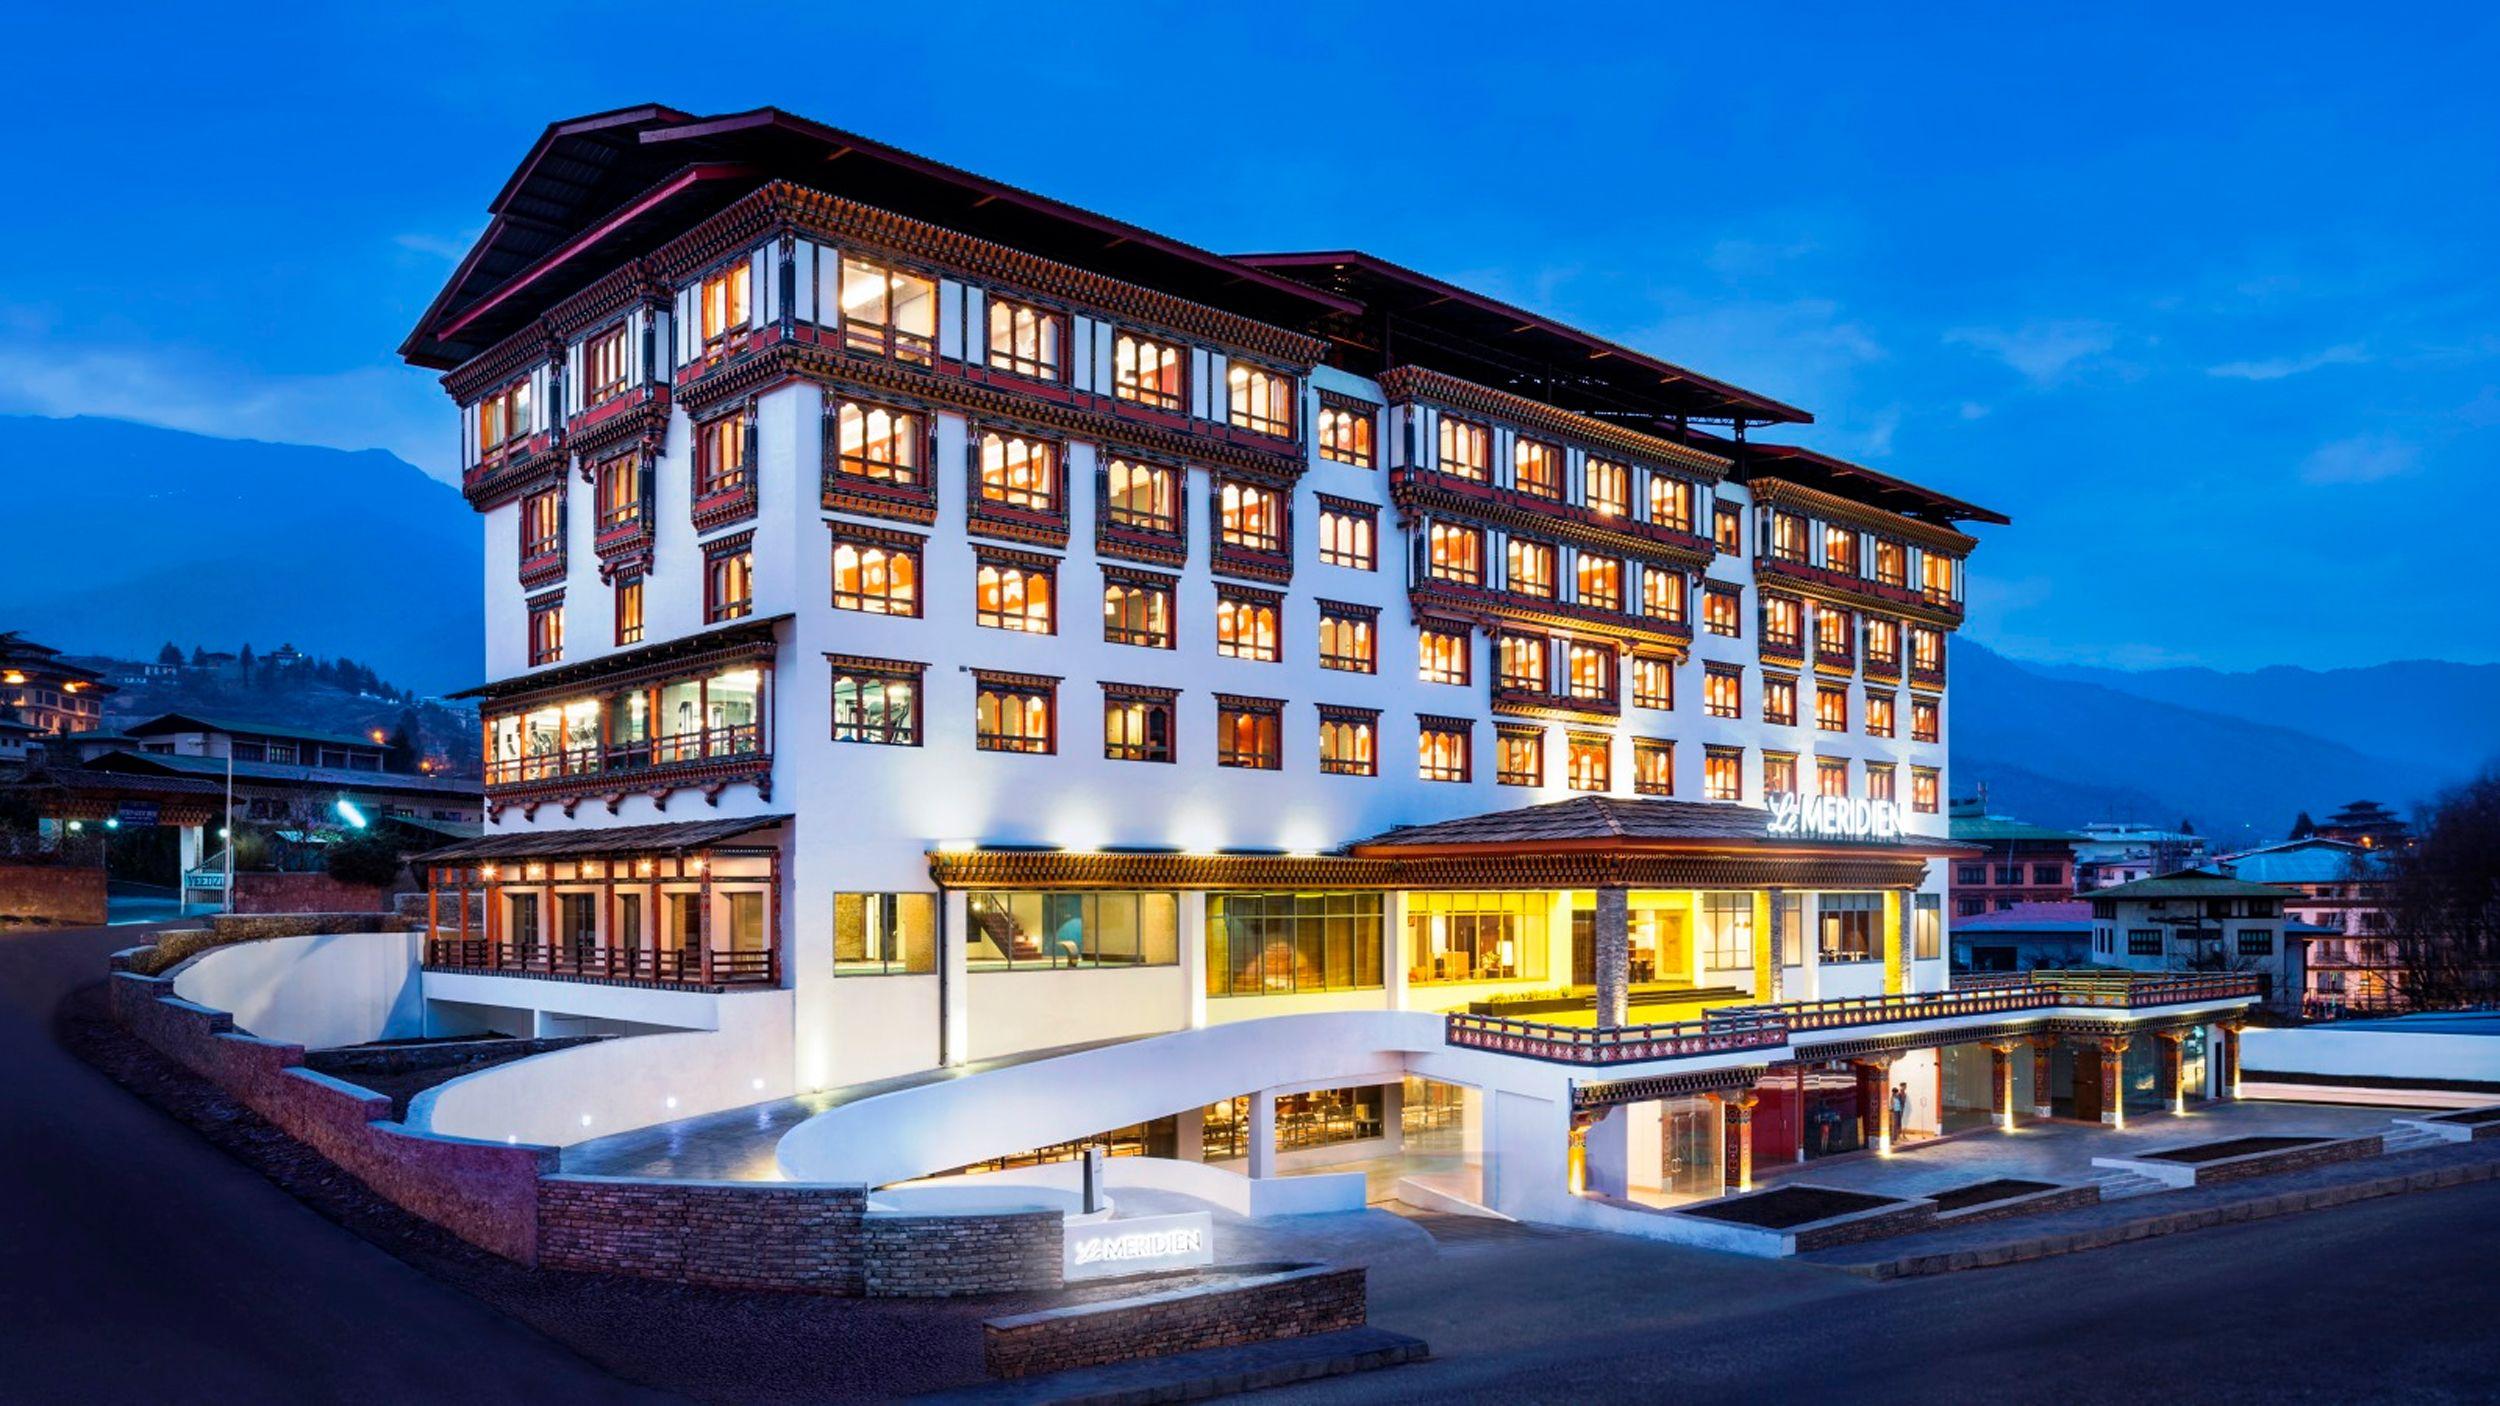 Luxushotels Lemeridienthimphu Bhutan Thimphu Luxusreisen Luxushotel Hotels Villen